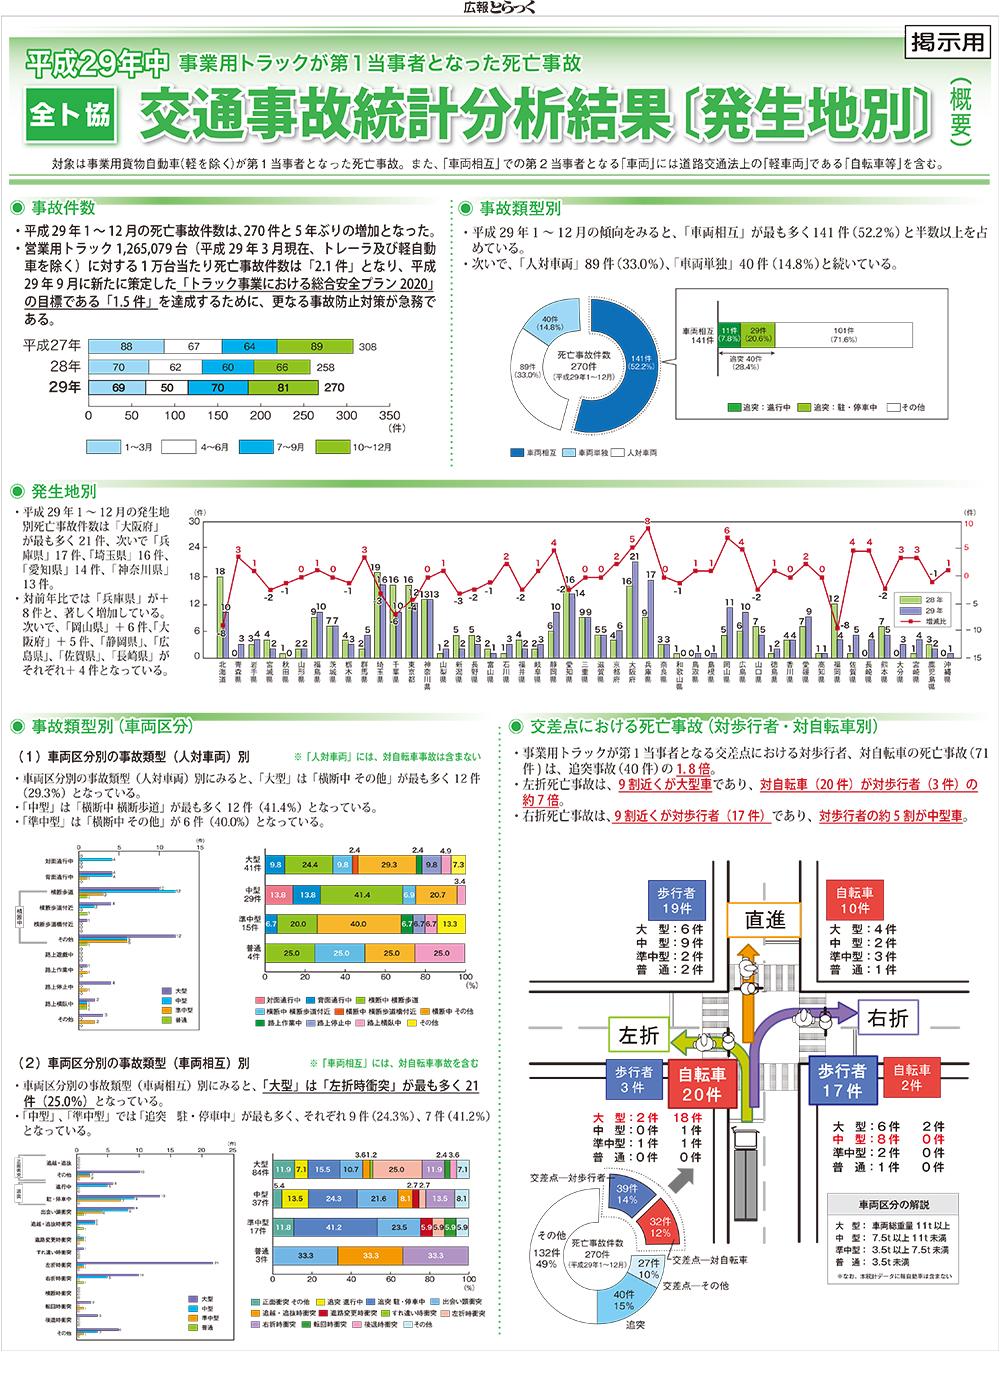 平成29年中交通事故統計分析結果〔発生地別:掲出用ポスター〕